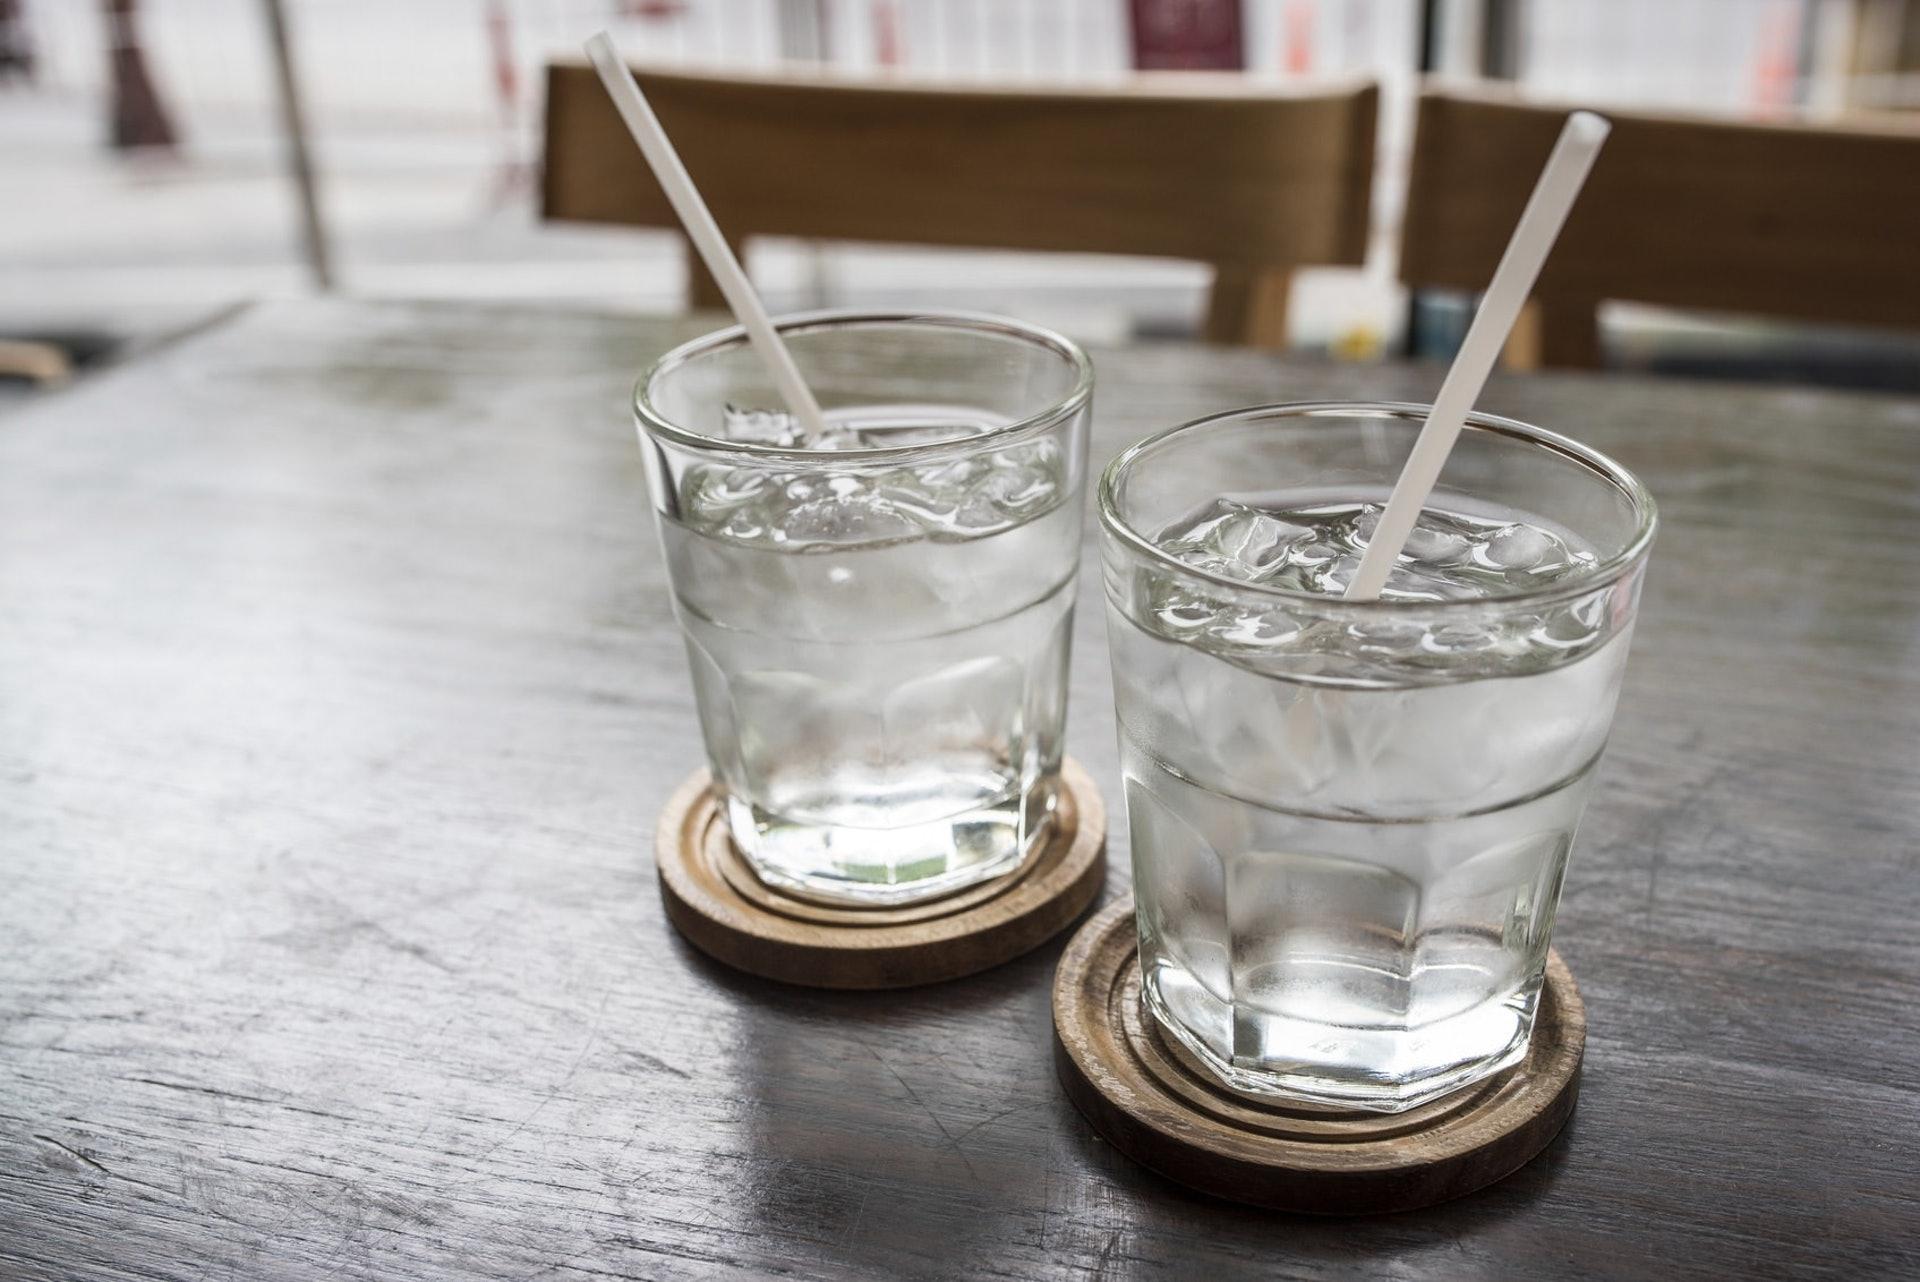 1.水|毋庸置疑,水當然是首選。自小已聽到人講每日飲8杯水,原來醫生建議女性飲8杯水、男性飲13杯水,當然最好就是按自己身體狀況尋找醫生建議啦。(iStock)